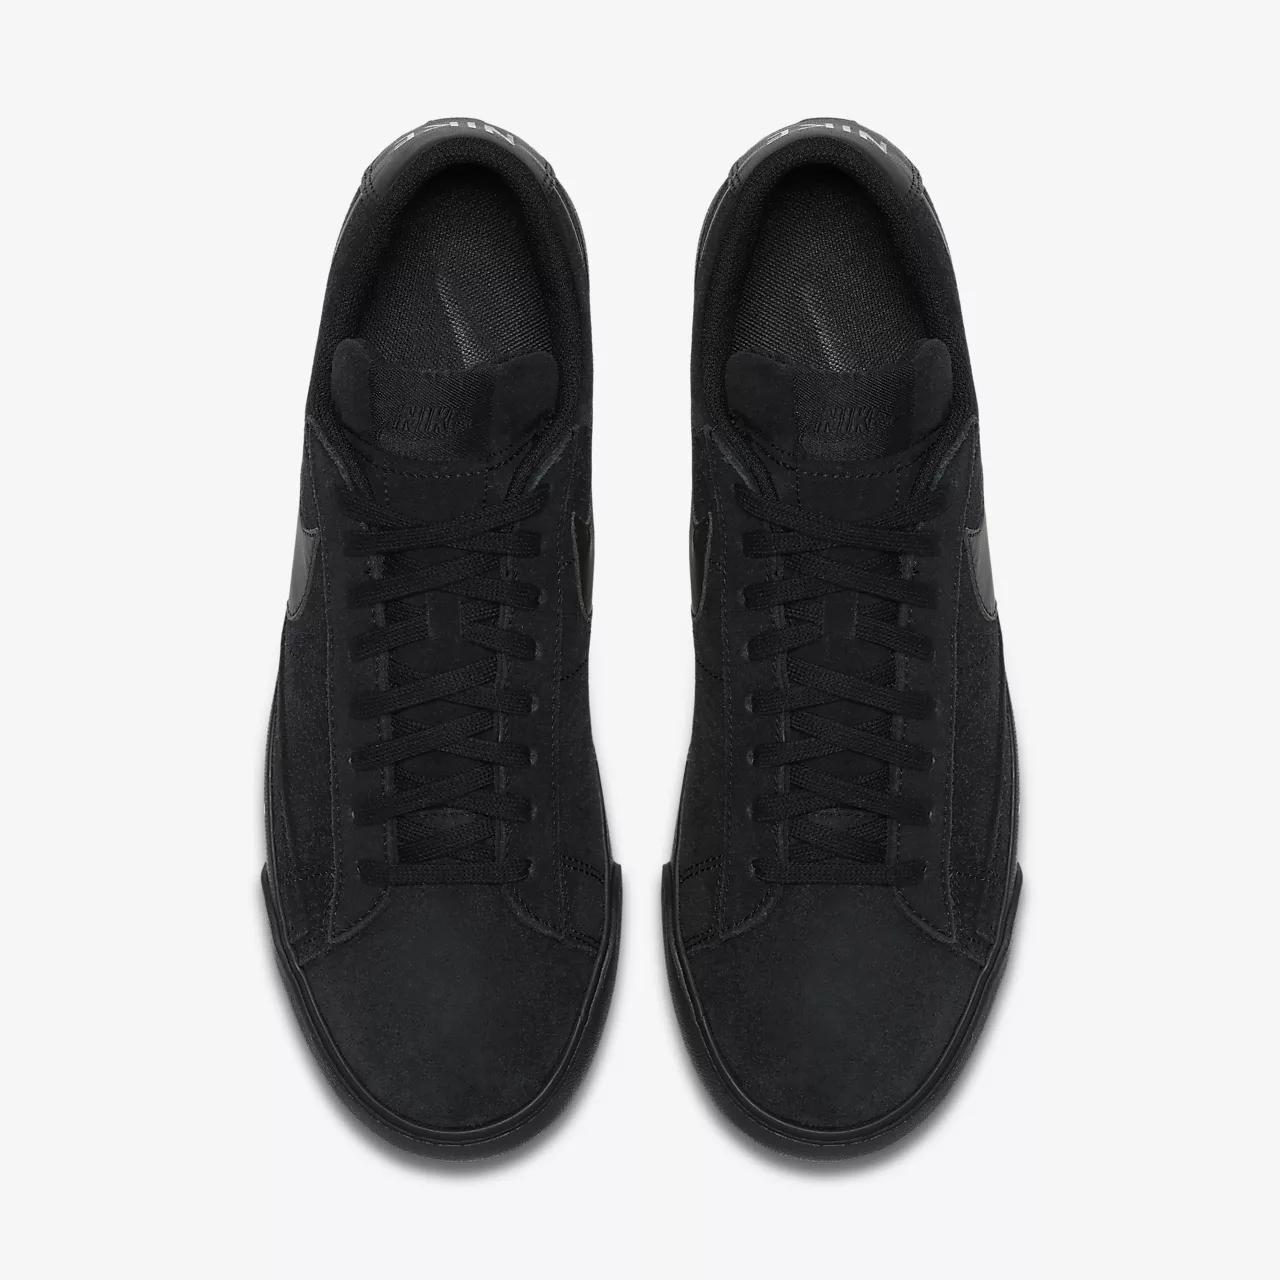 나이키 블레이저 로우 남성 신발 AQ3597-001